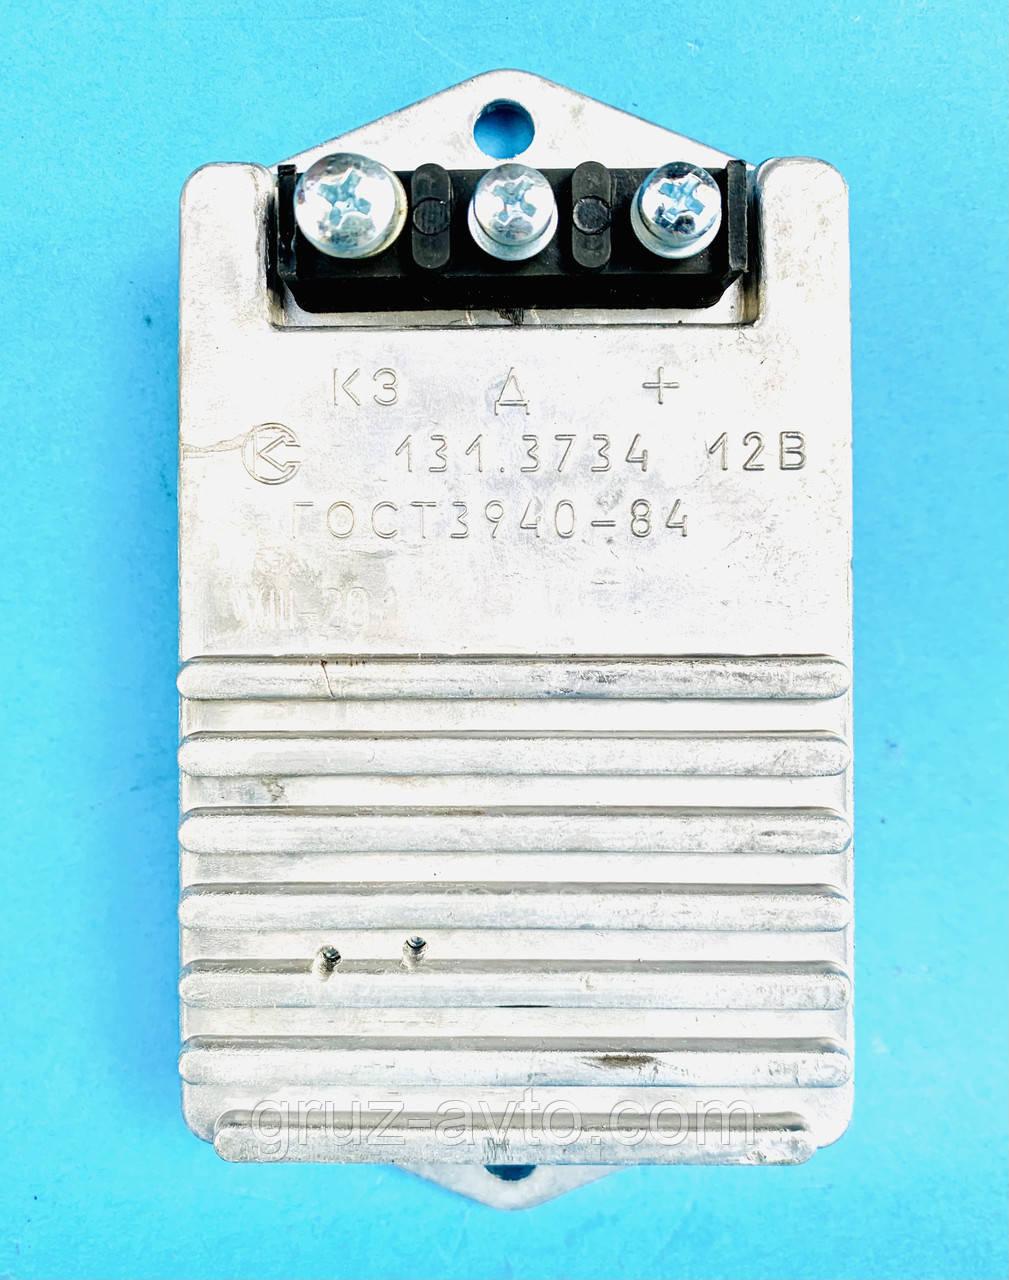 Коммутатор ТК-131 бесконтактное зажигание 131.3734-12 В